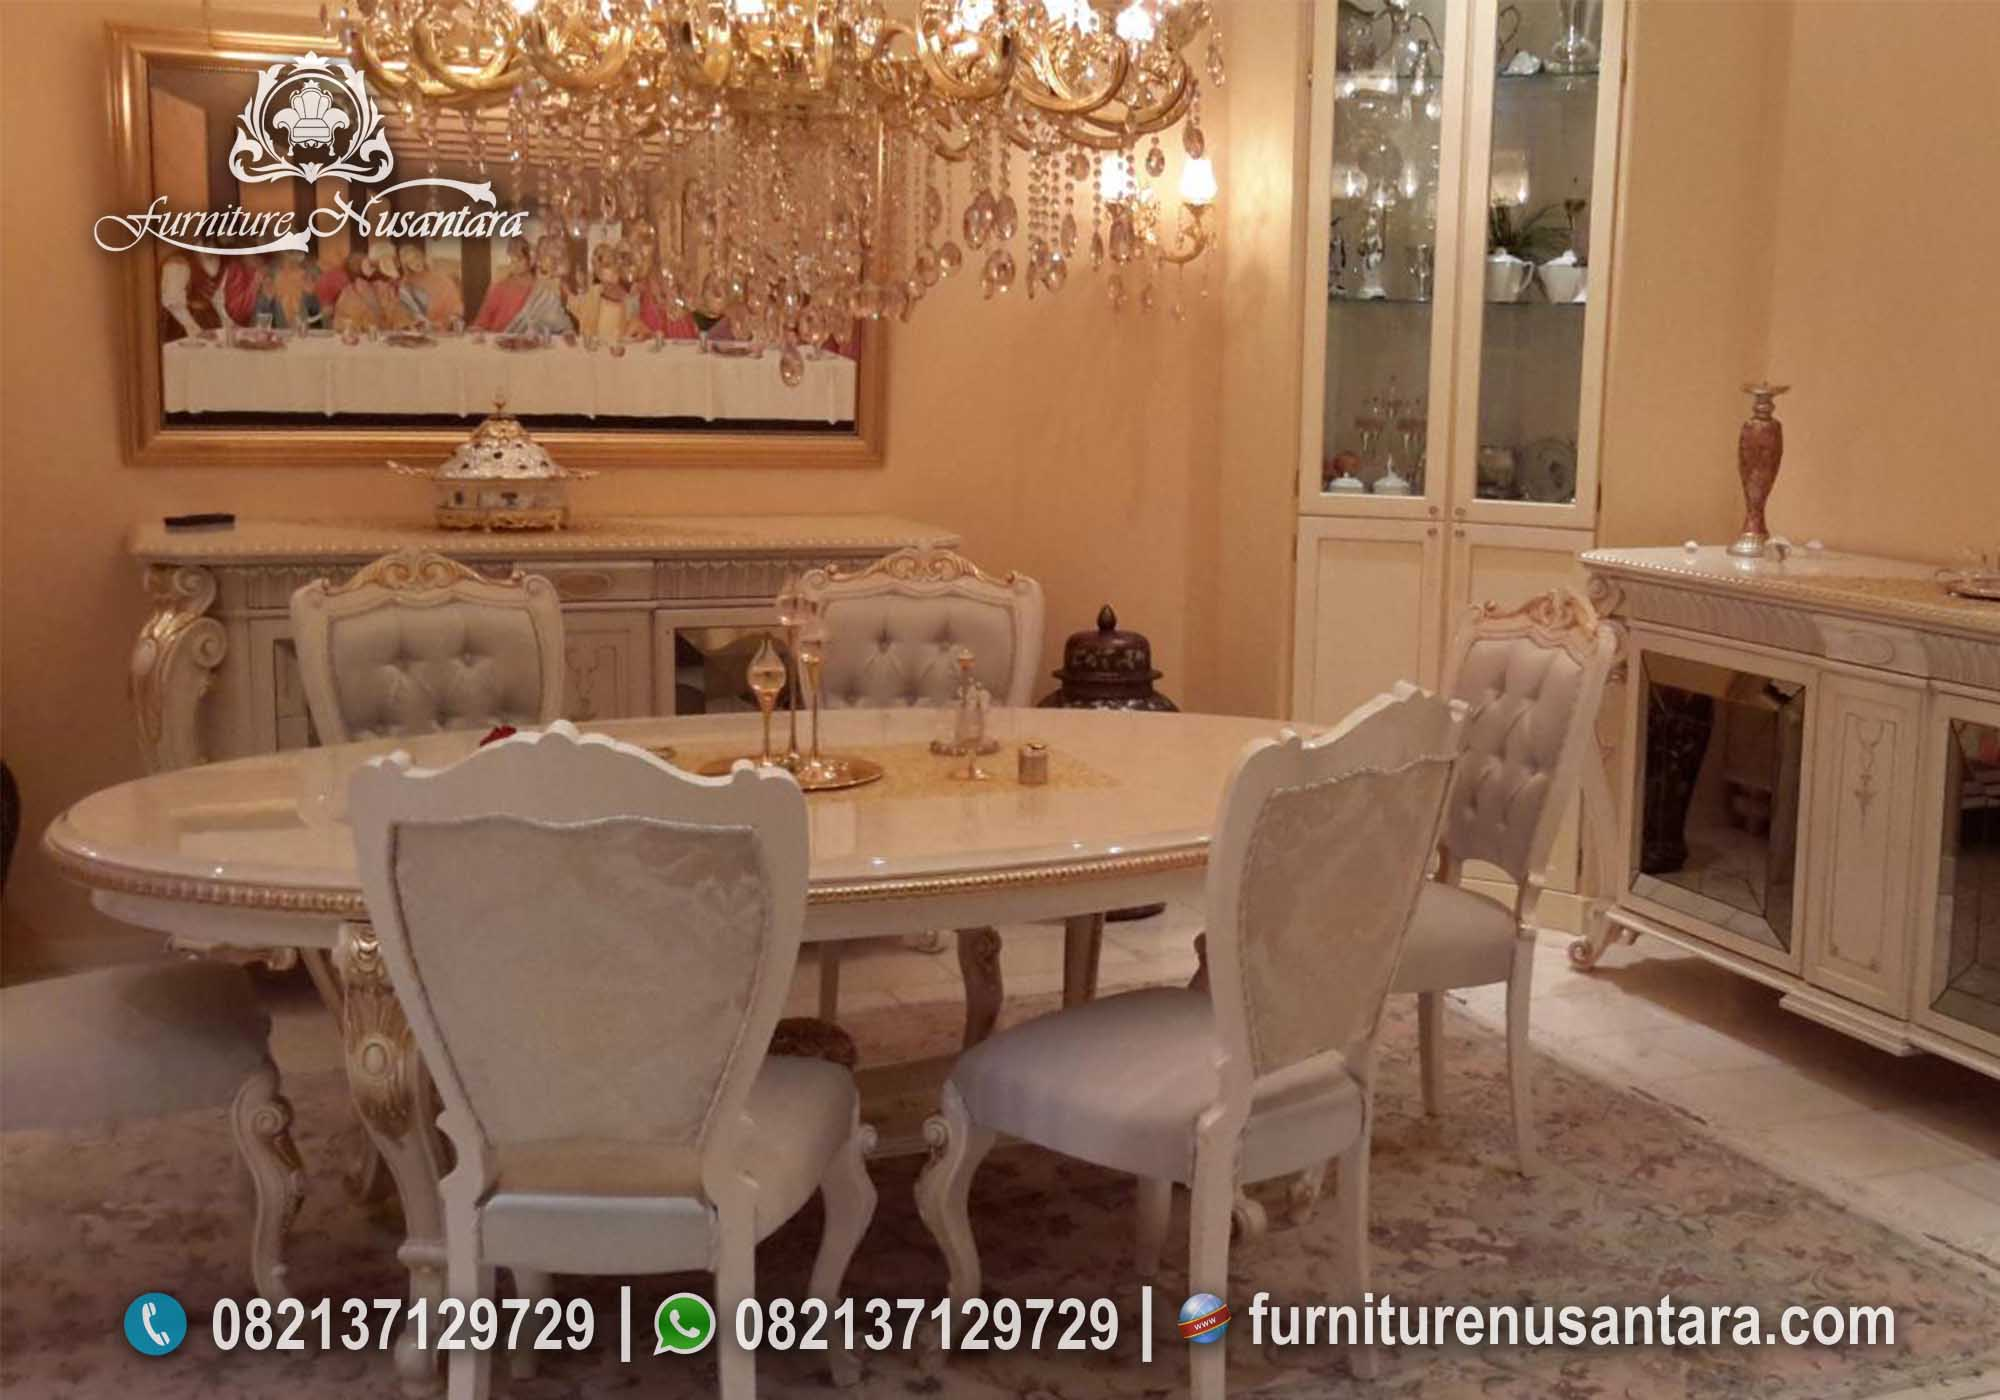 Jual Meja Makan Oval 6 Kursi Duco Putih MM-17, Furniture Nusantara